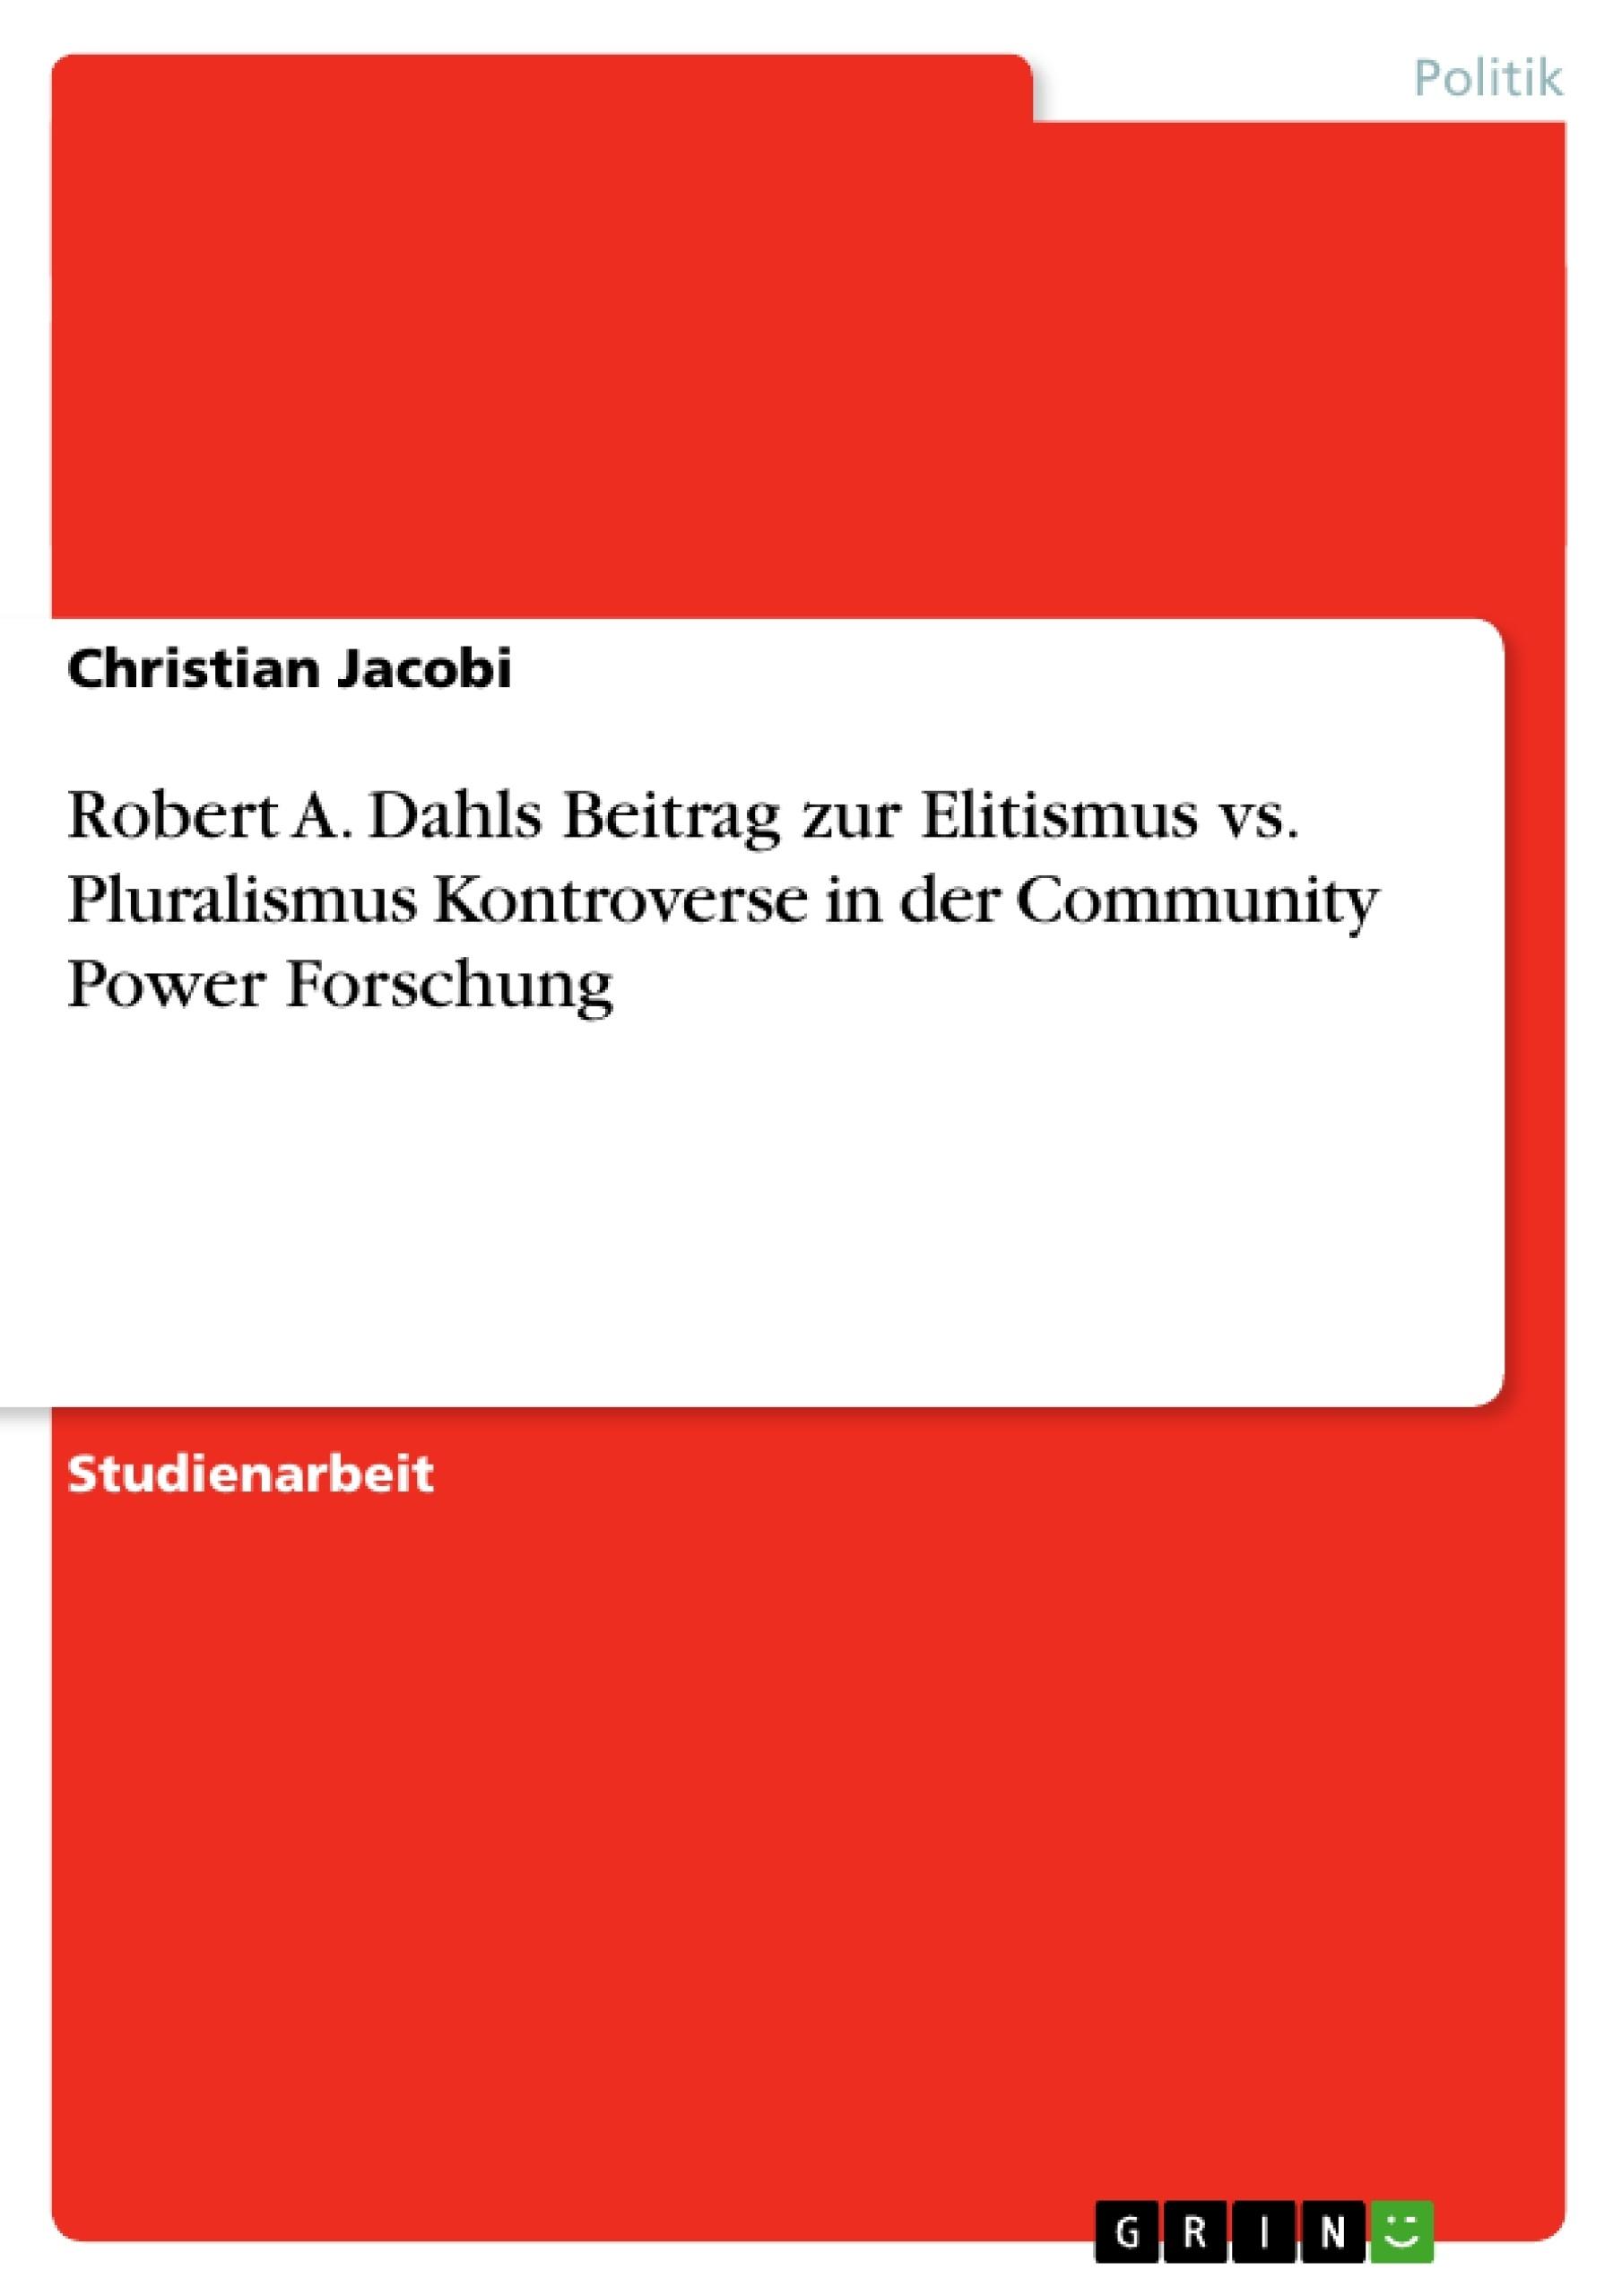 Titel: Robert A. Dahls Beitrag zur Elitismus vs. Pluralismus Kontroverse in der Community Power Forschung